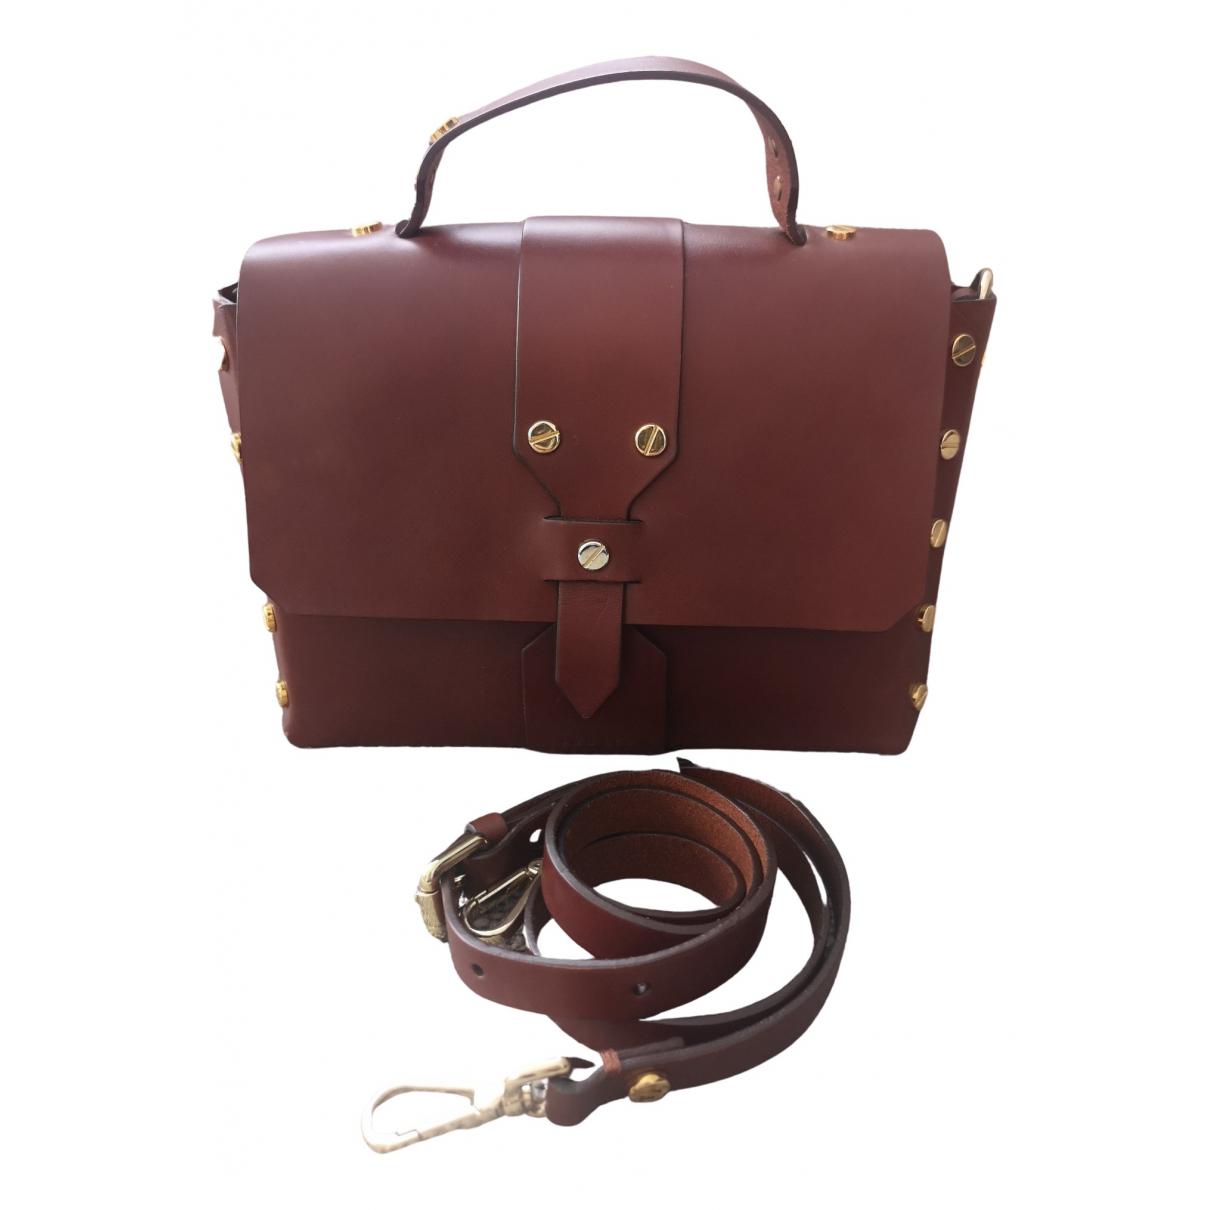 Sandro \N Burgundy Leather handbag for Women \N